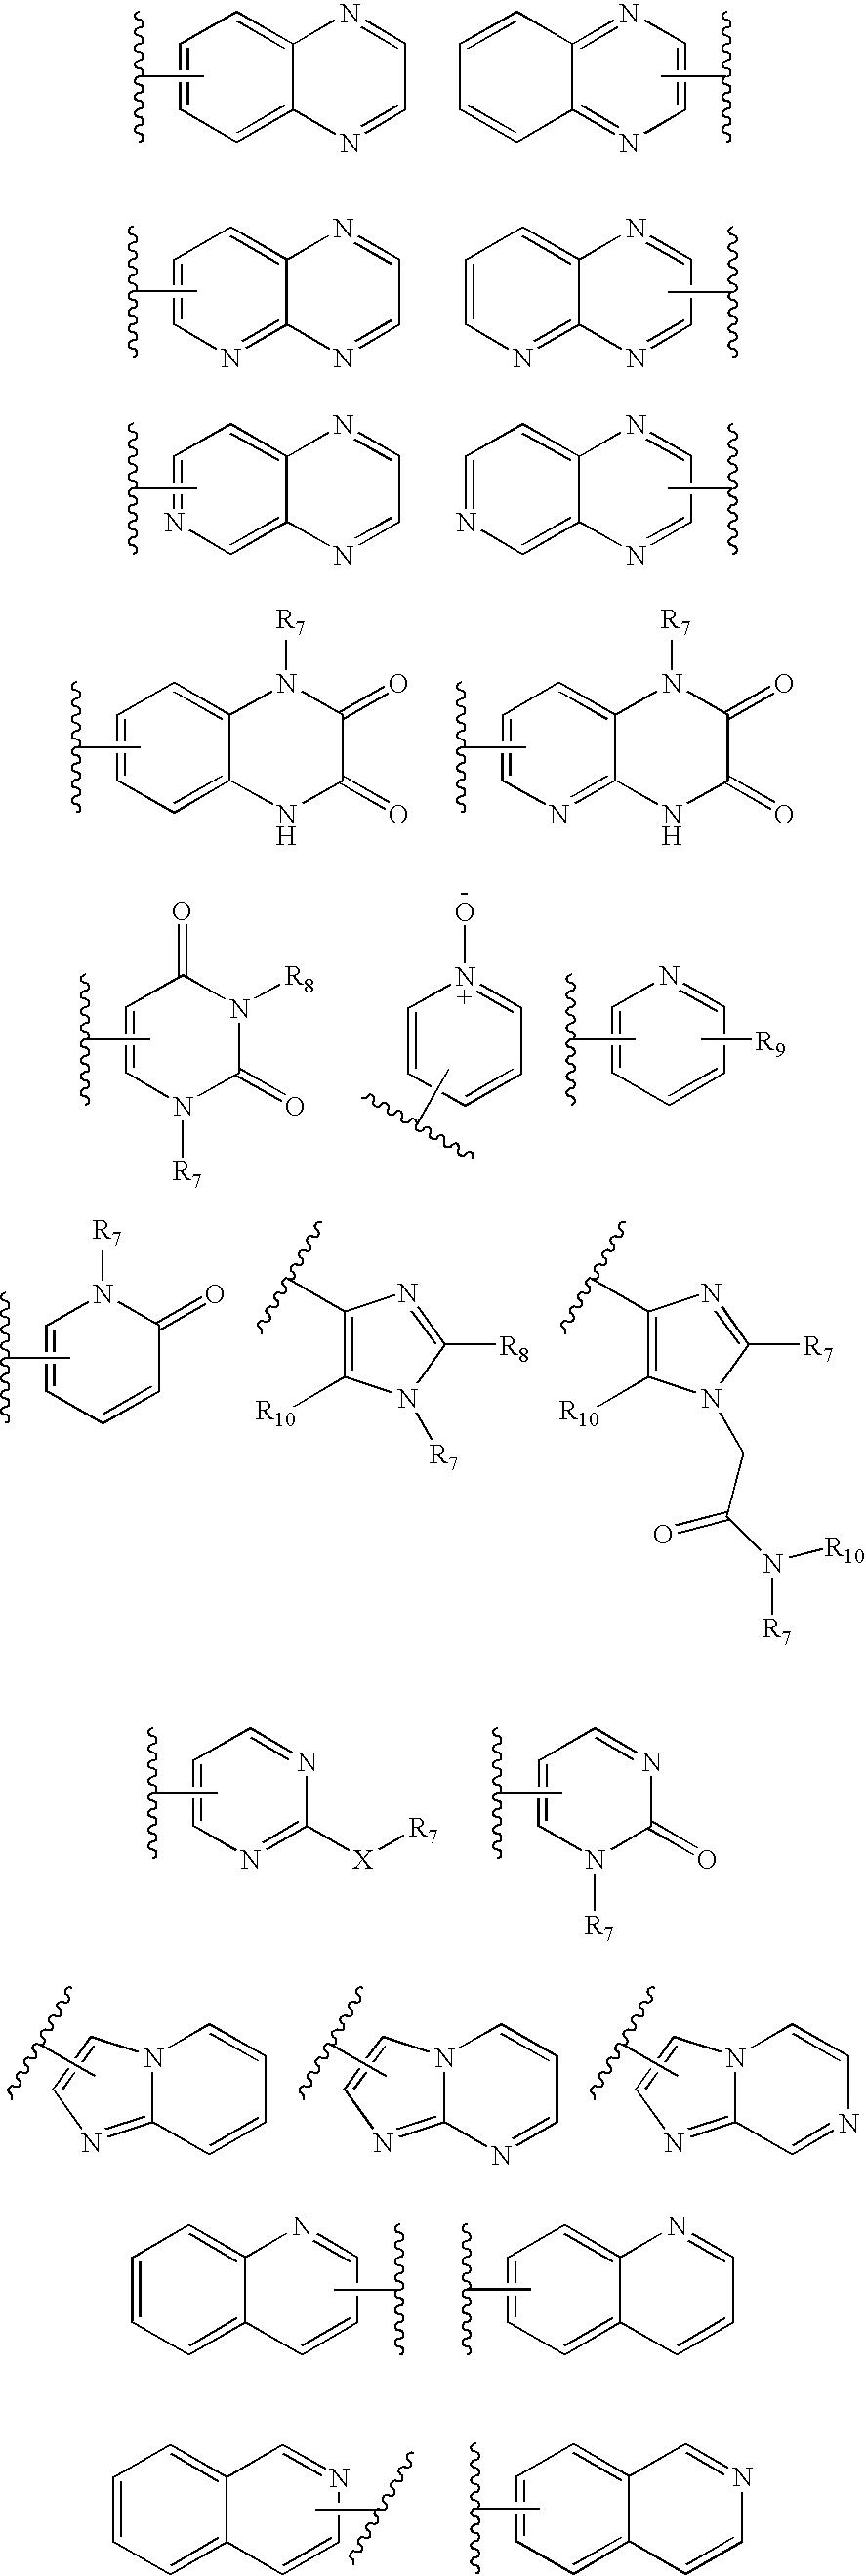 Figure US07531542-20090512-C00158